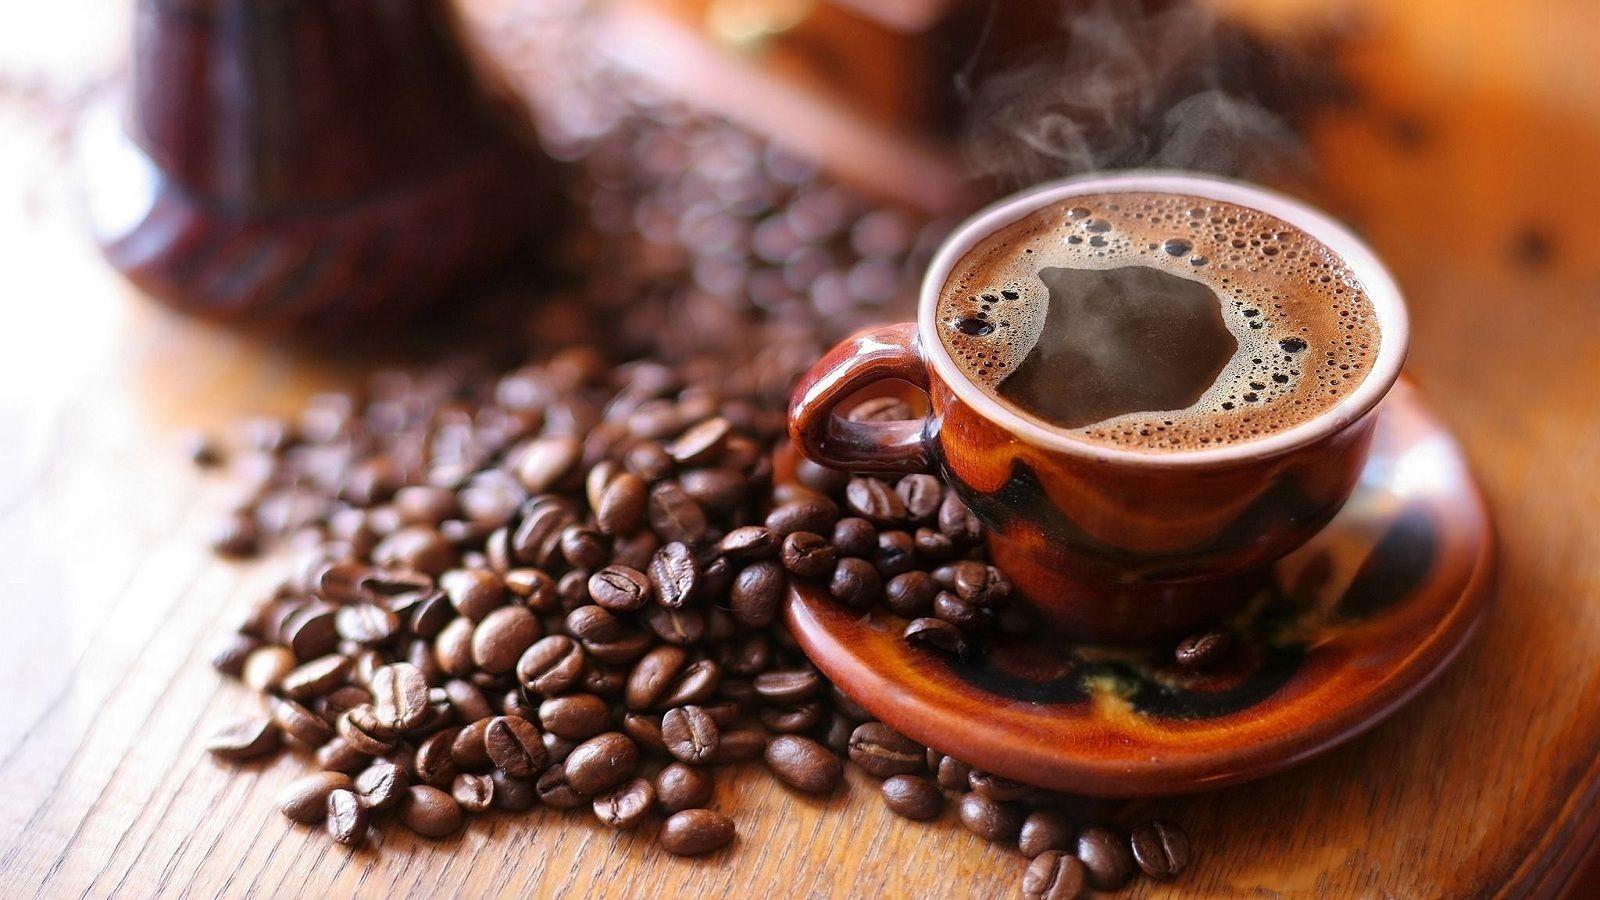 Full-day Dalat Tea and Coffee Tour